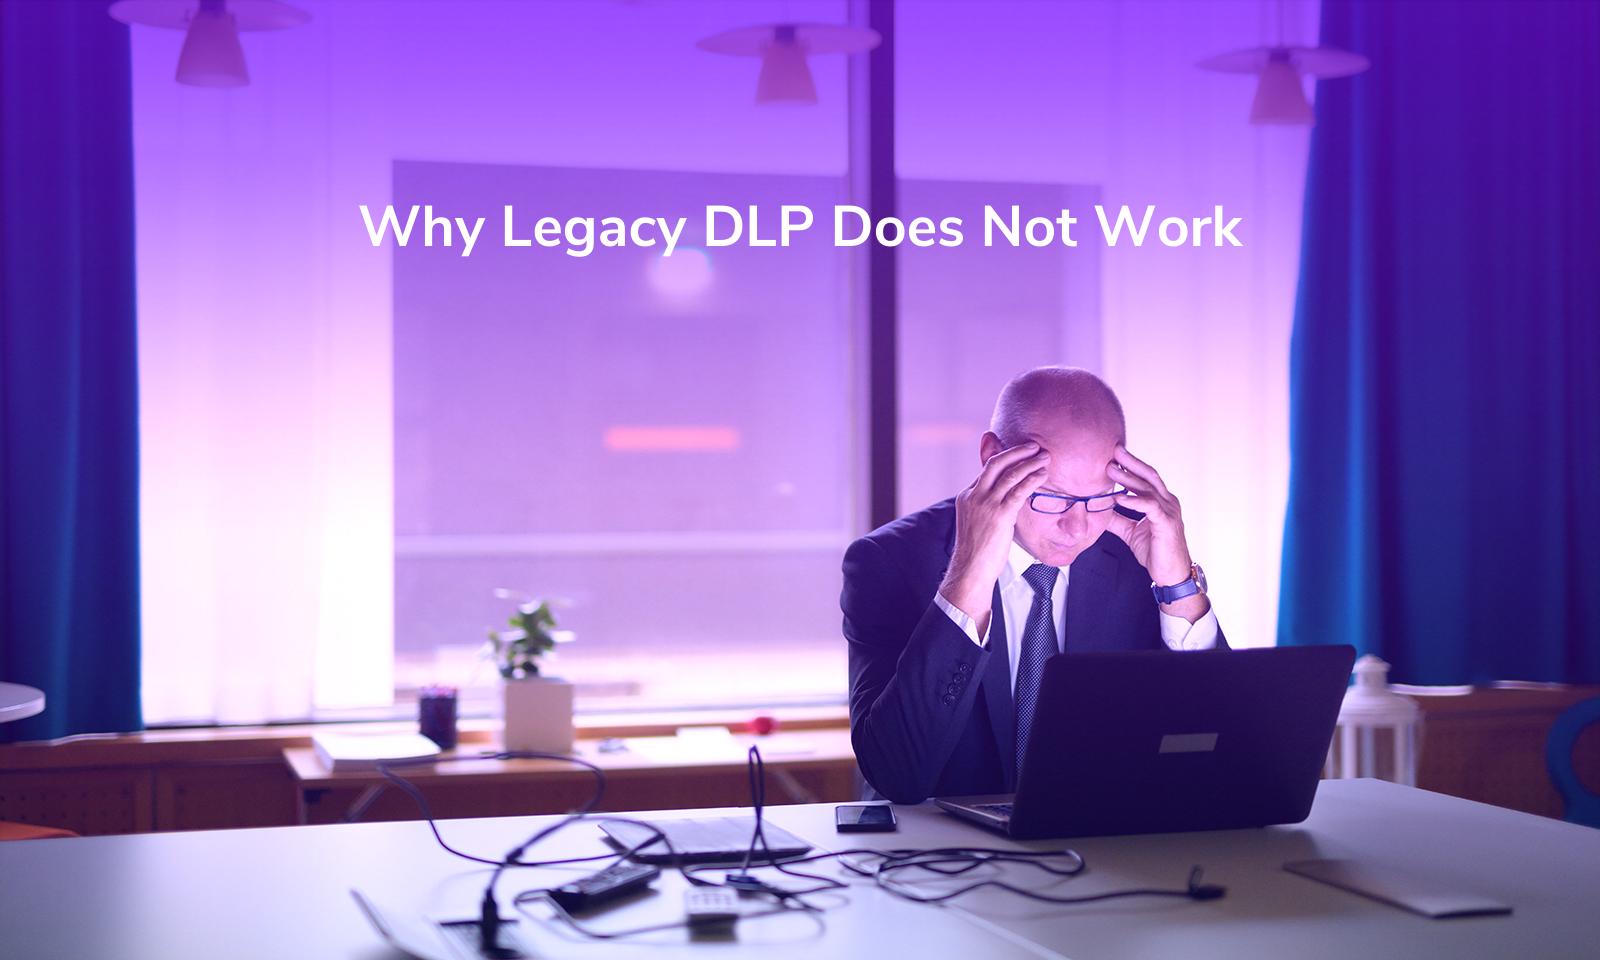 Por que o DLP legado não funciona